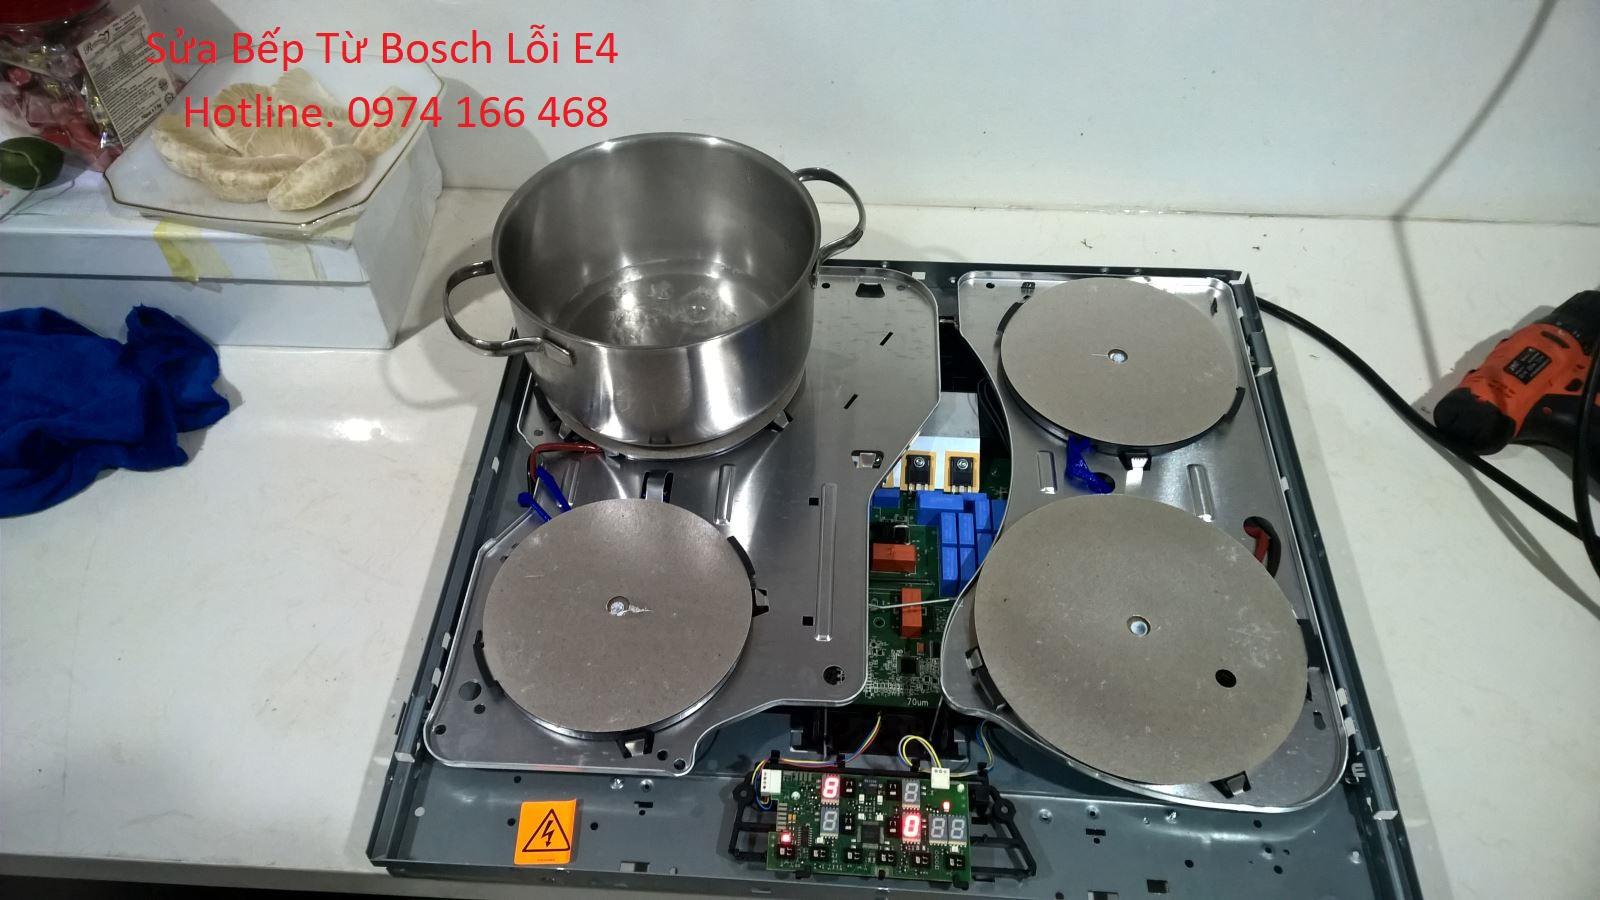 Bếp Từ Bosch Báo Lỗi E4 Tìm Hiểu Nguyên Nhân Khắc Phục.